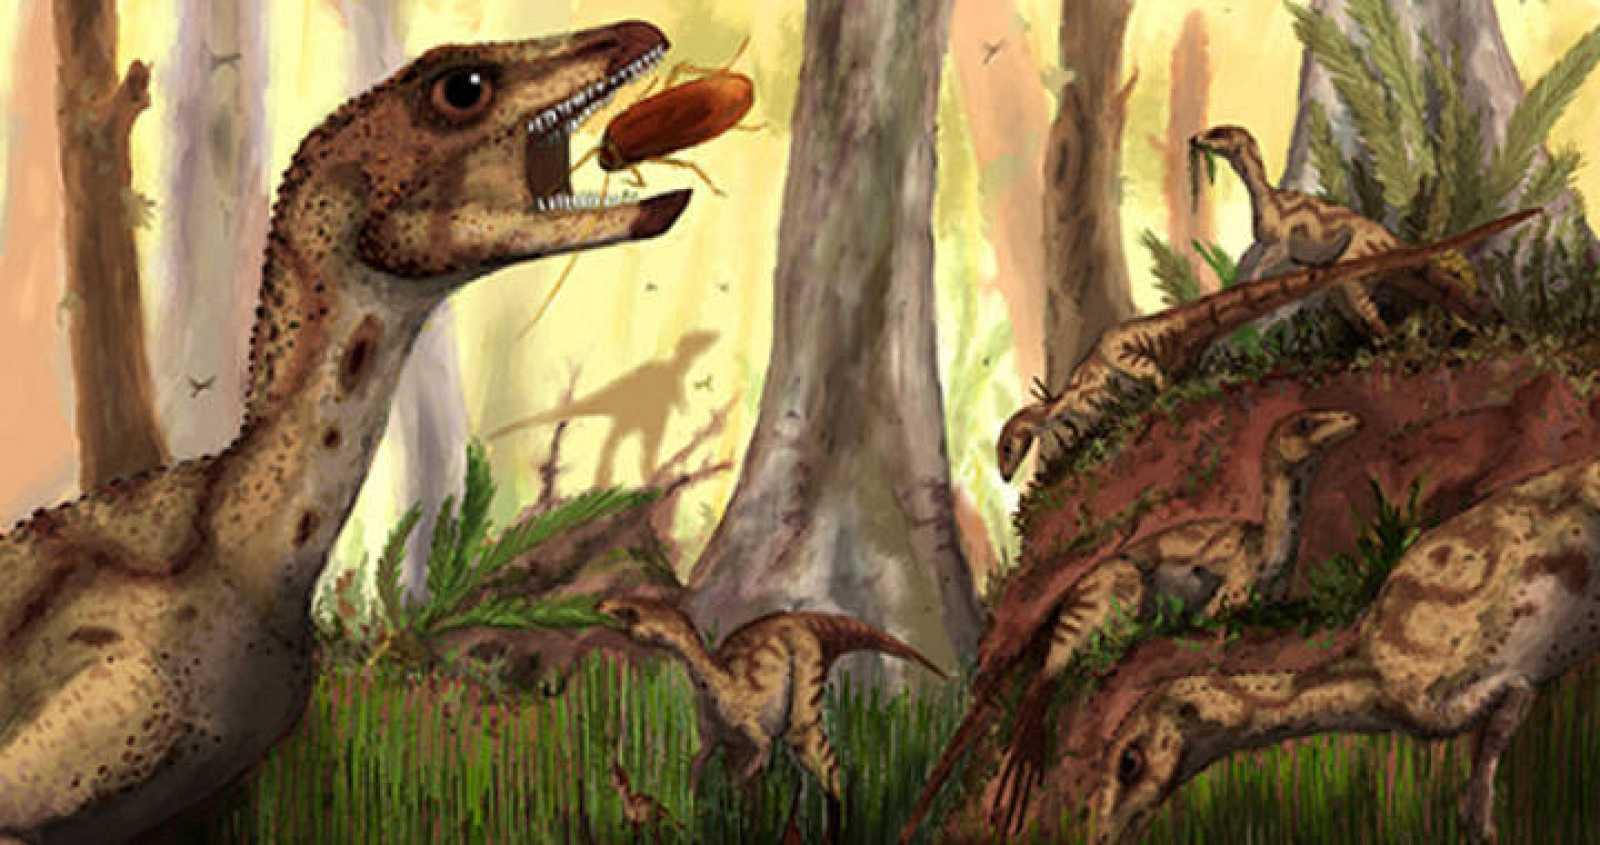 Impresión de una manada de 'Laquintasaura venezuelae'